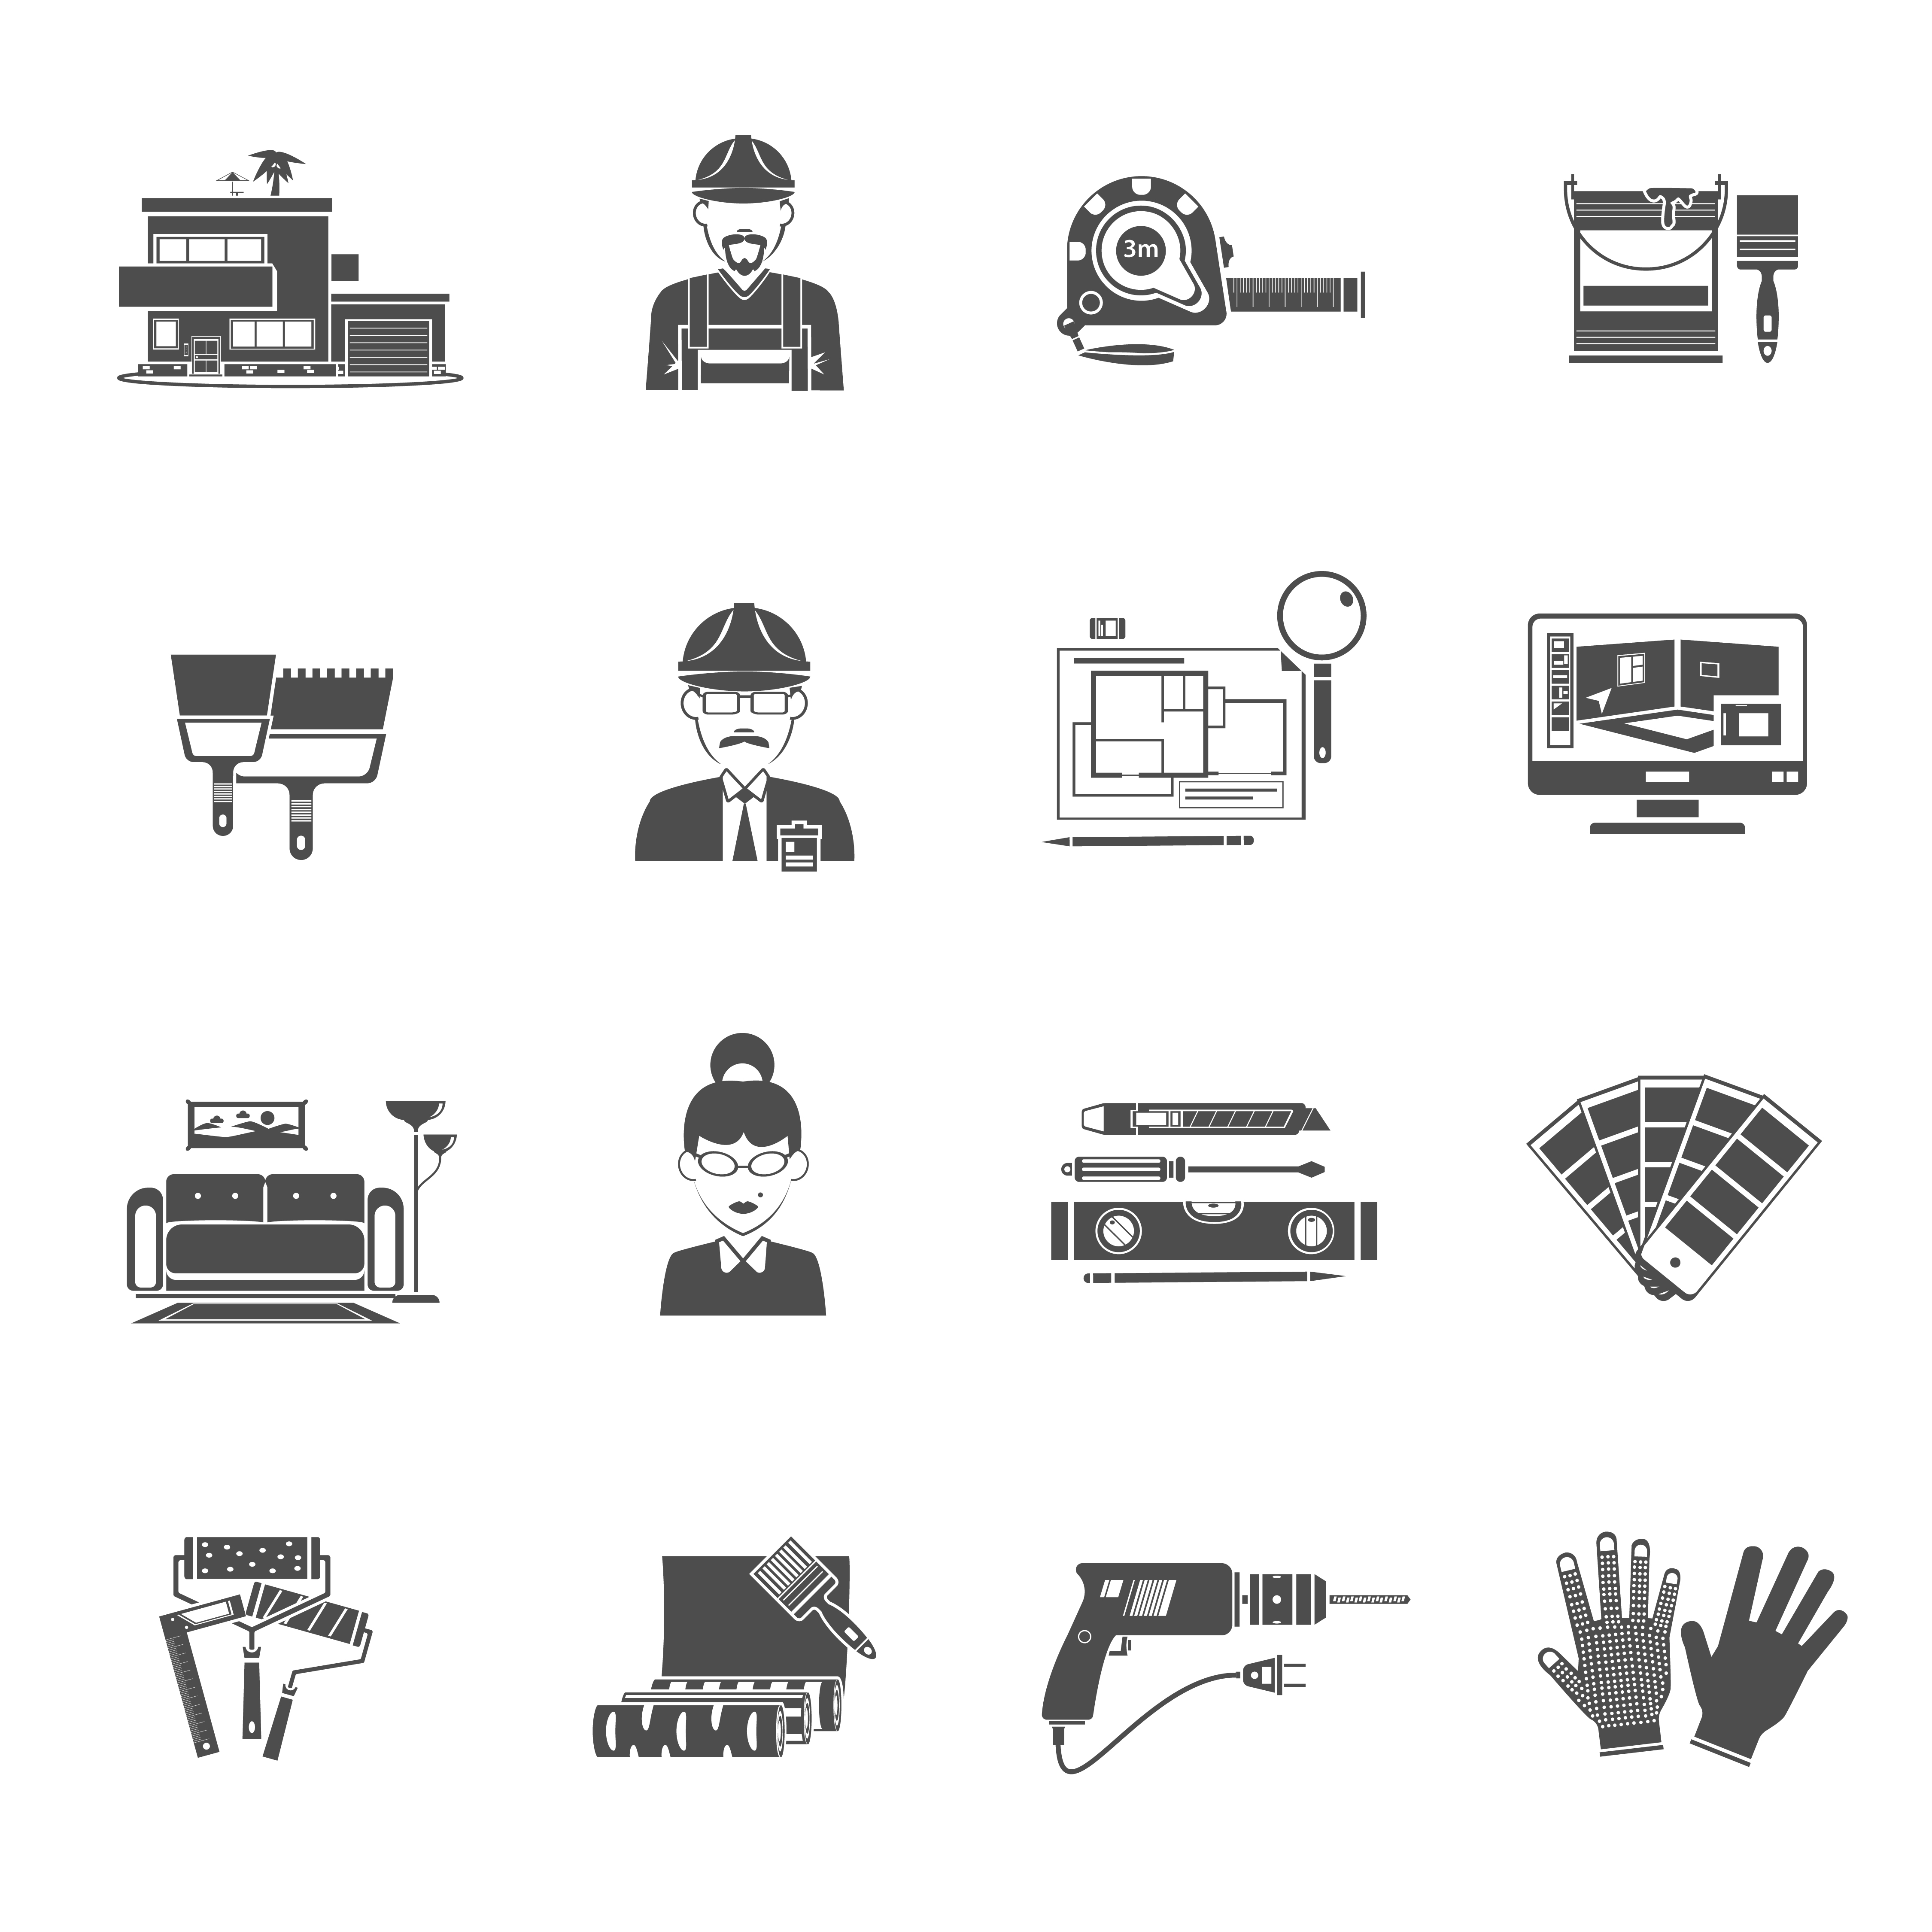 Interior Design Free Icons: Interior Design Black Icons Set